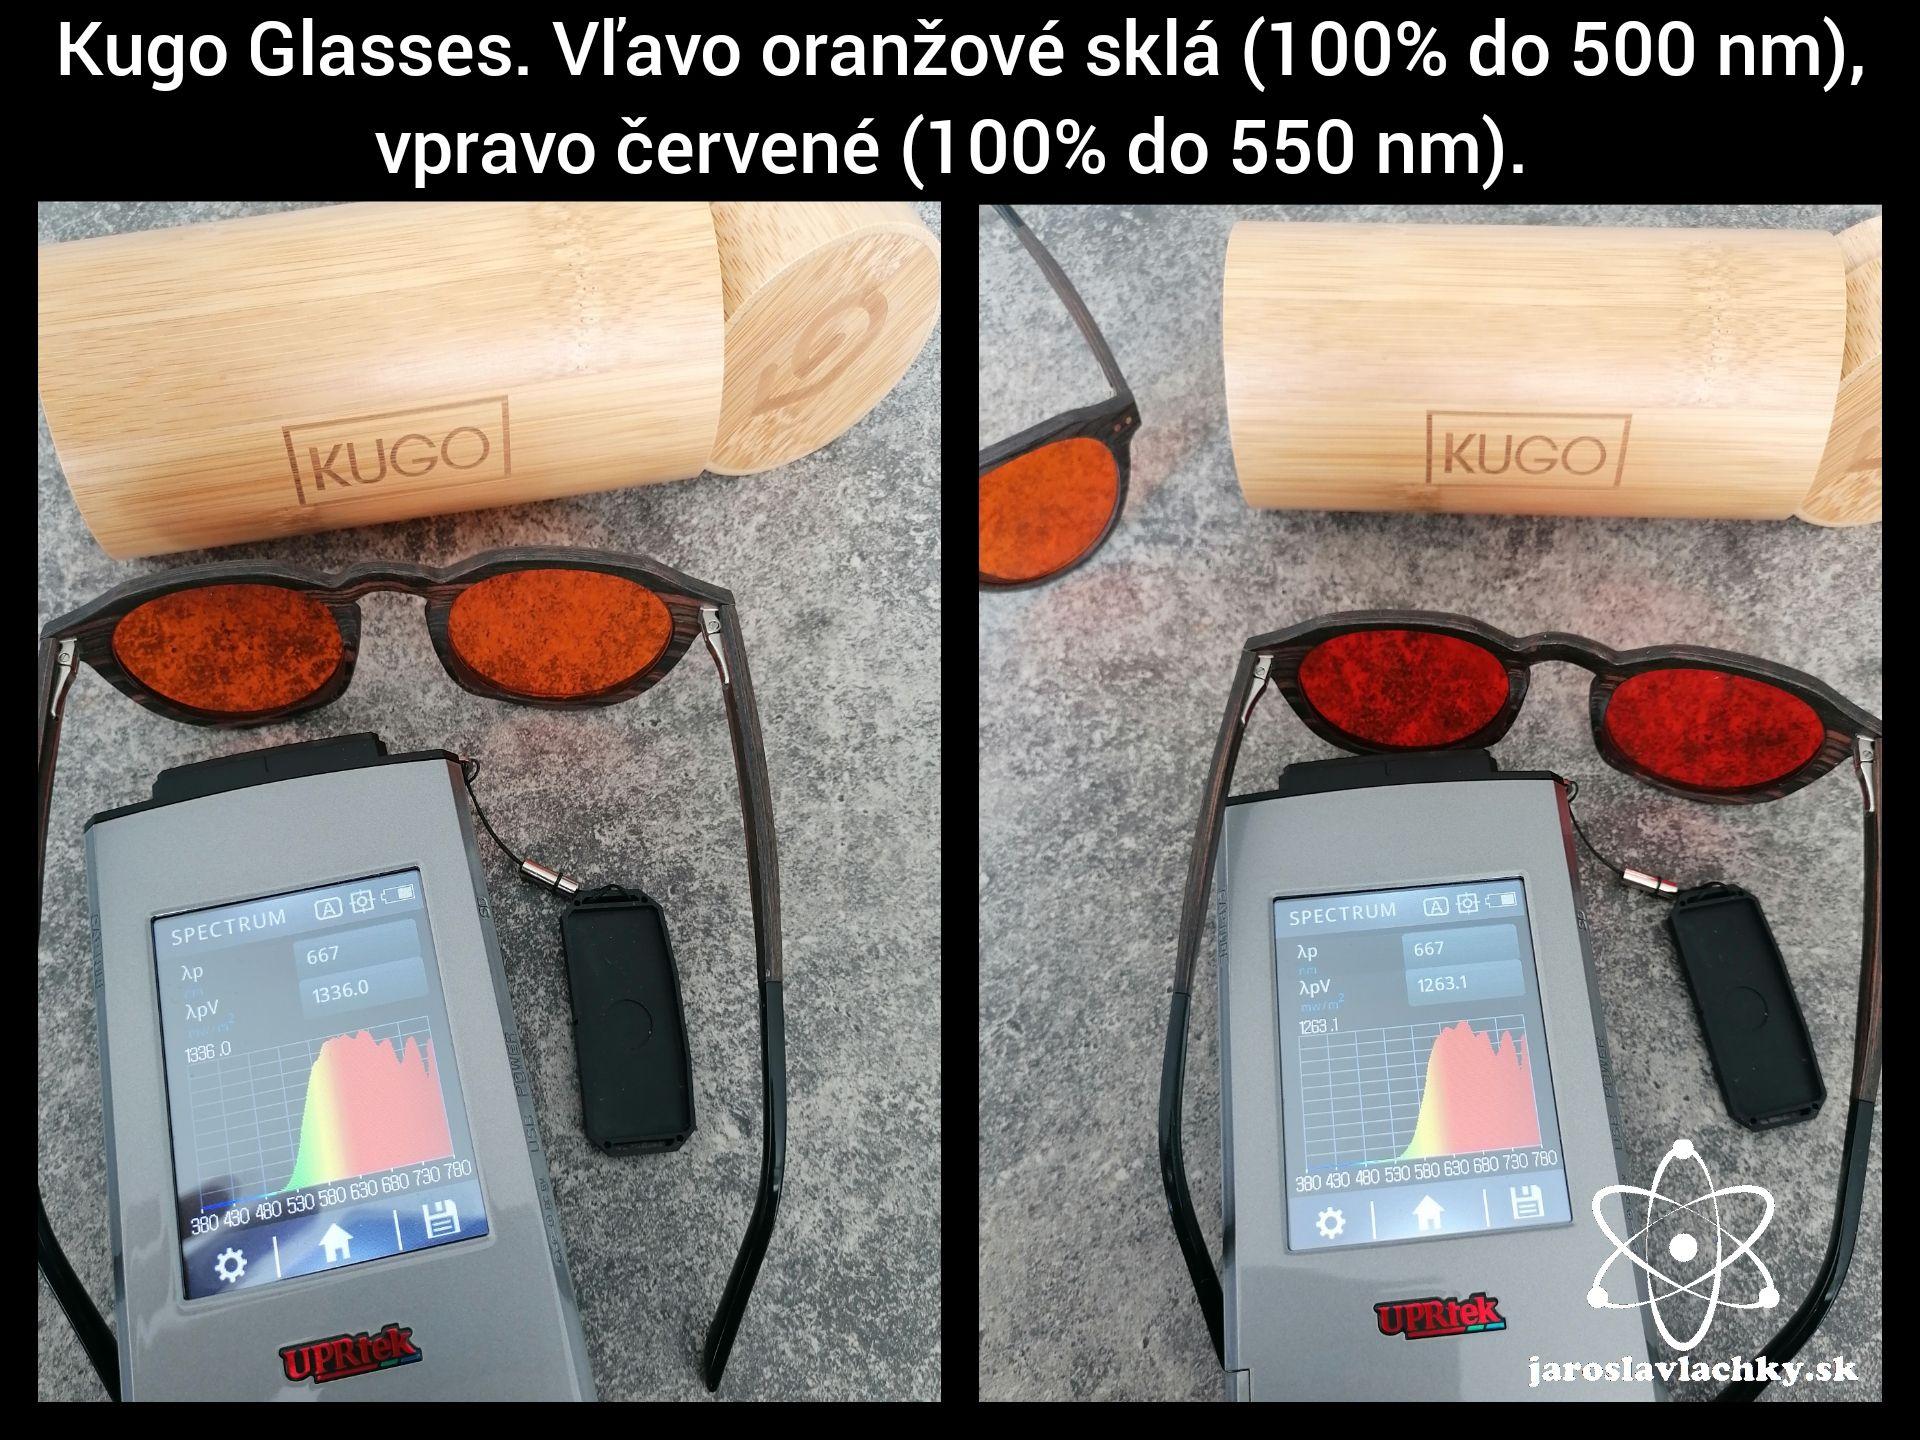 Kugo glassess oranžové ačervené sklá, meranie spektrometrom. Jaroslav lachký, okuliare proti modrému svetlu